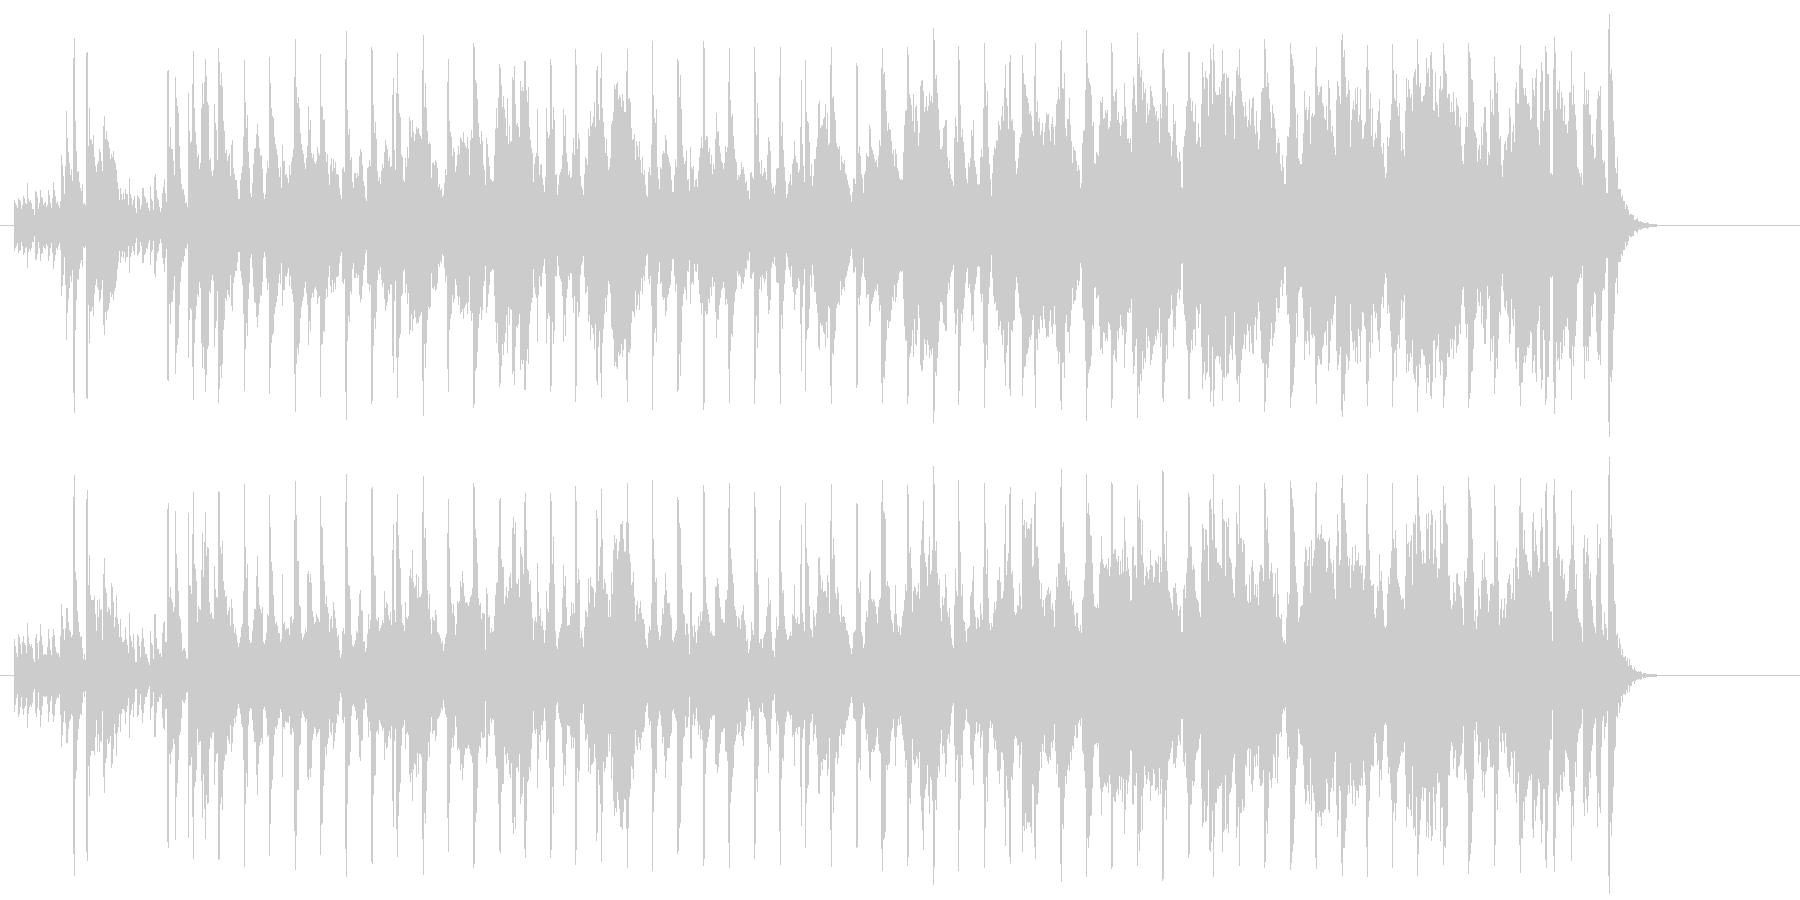 ほのぼのしたポップジャズ(イントロ~…)の未再生の波形